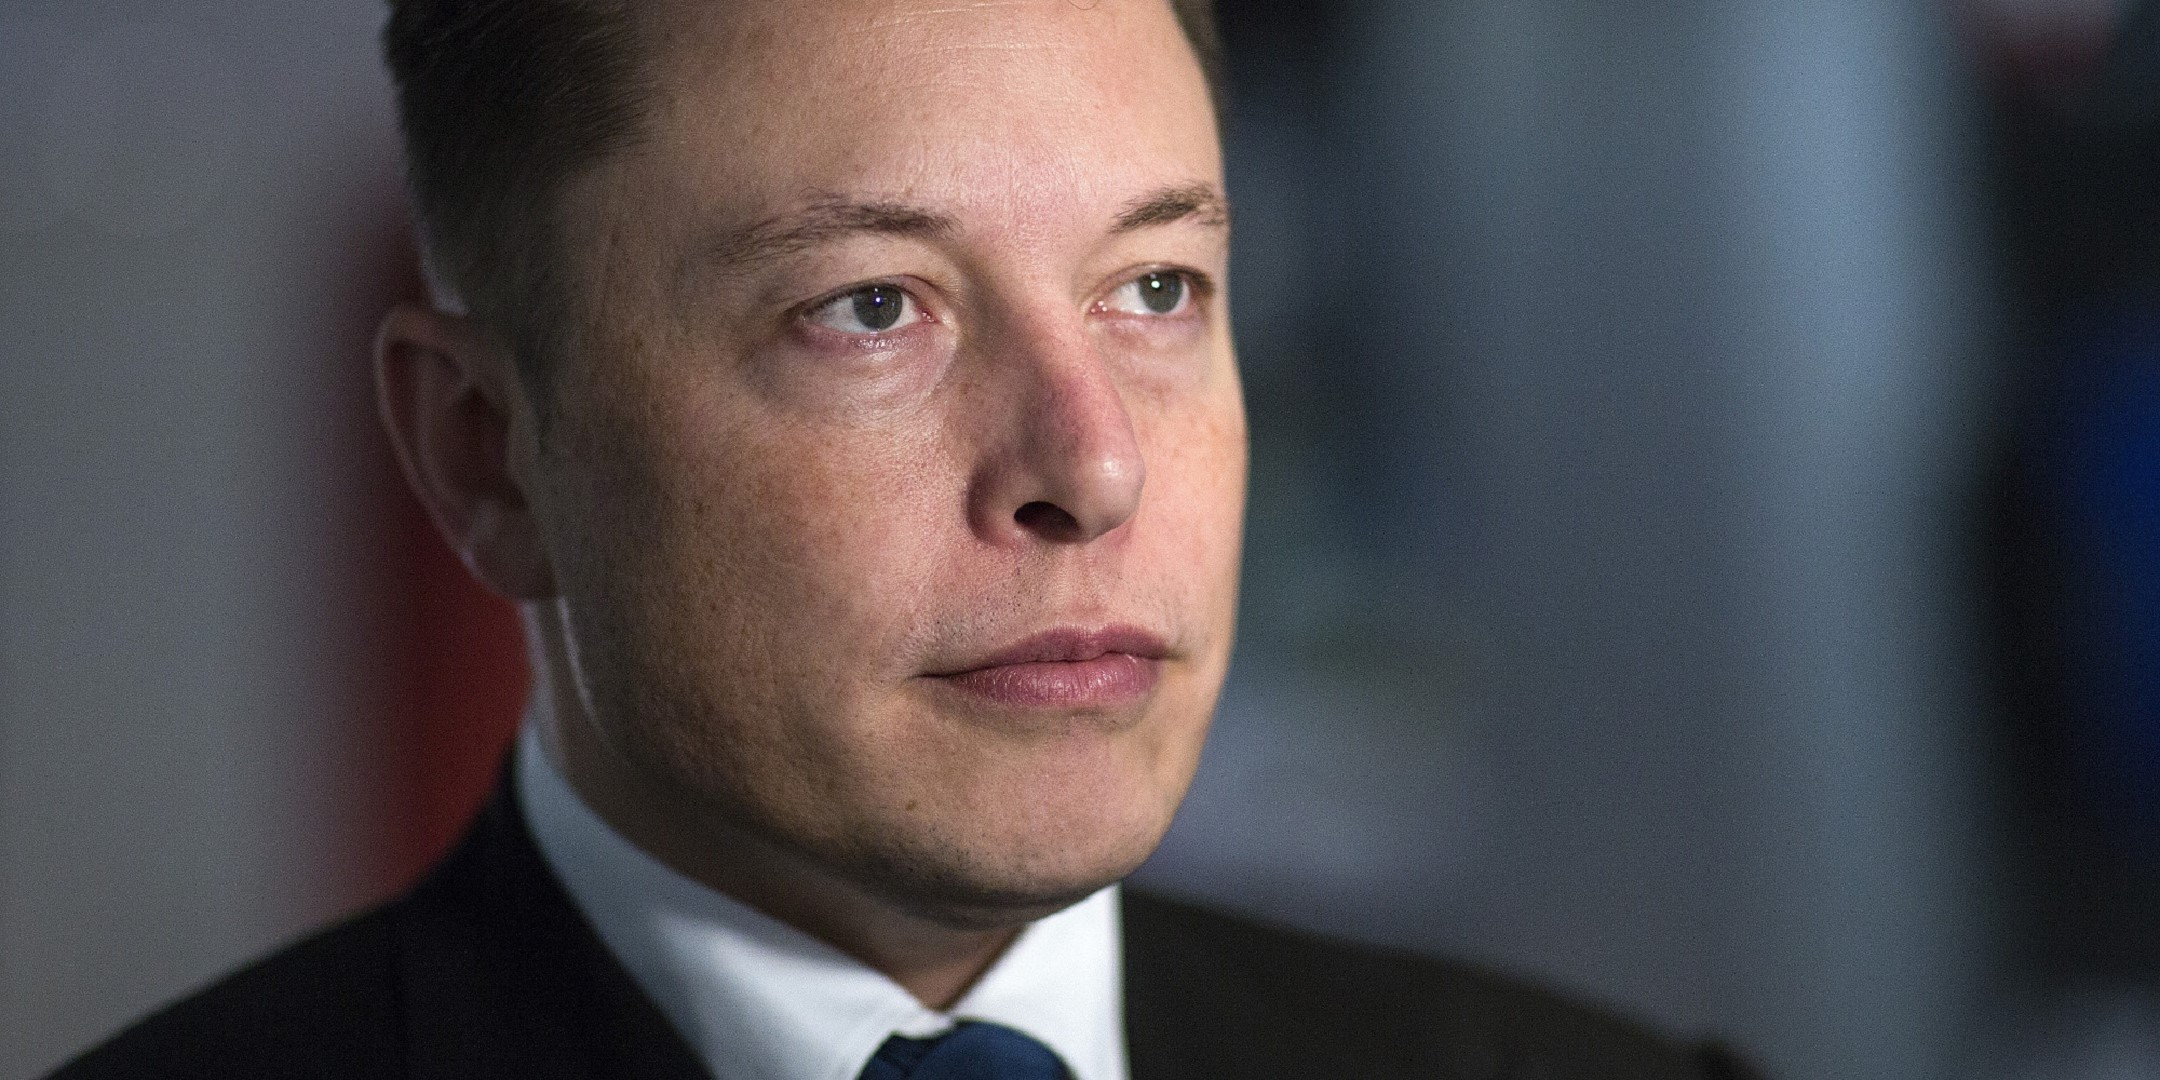 Elon Musk images